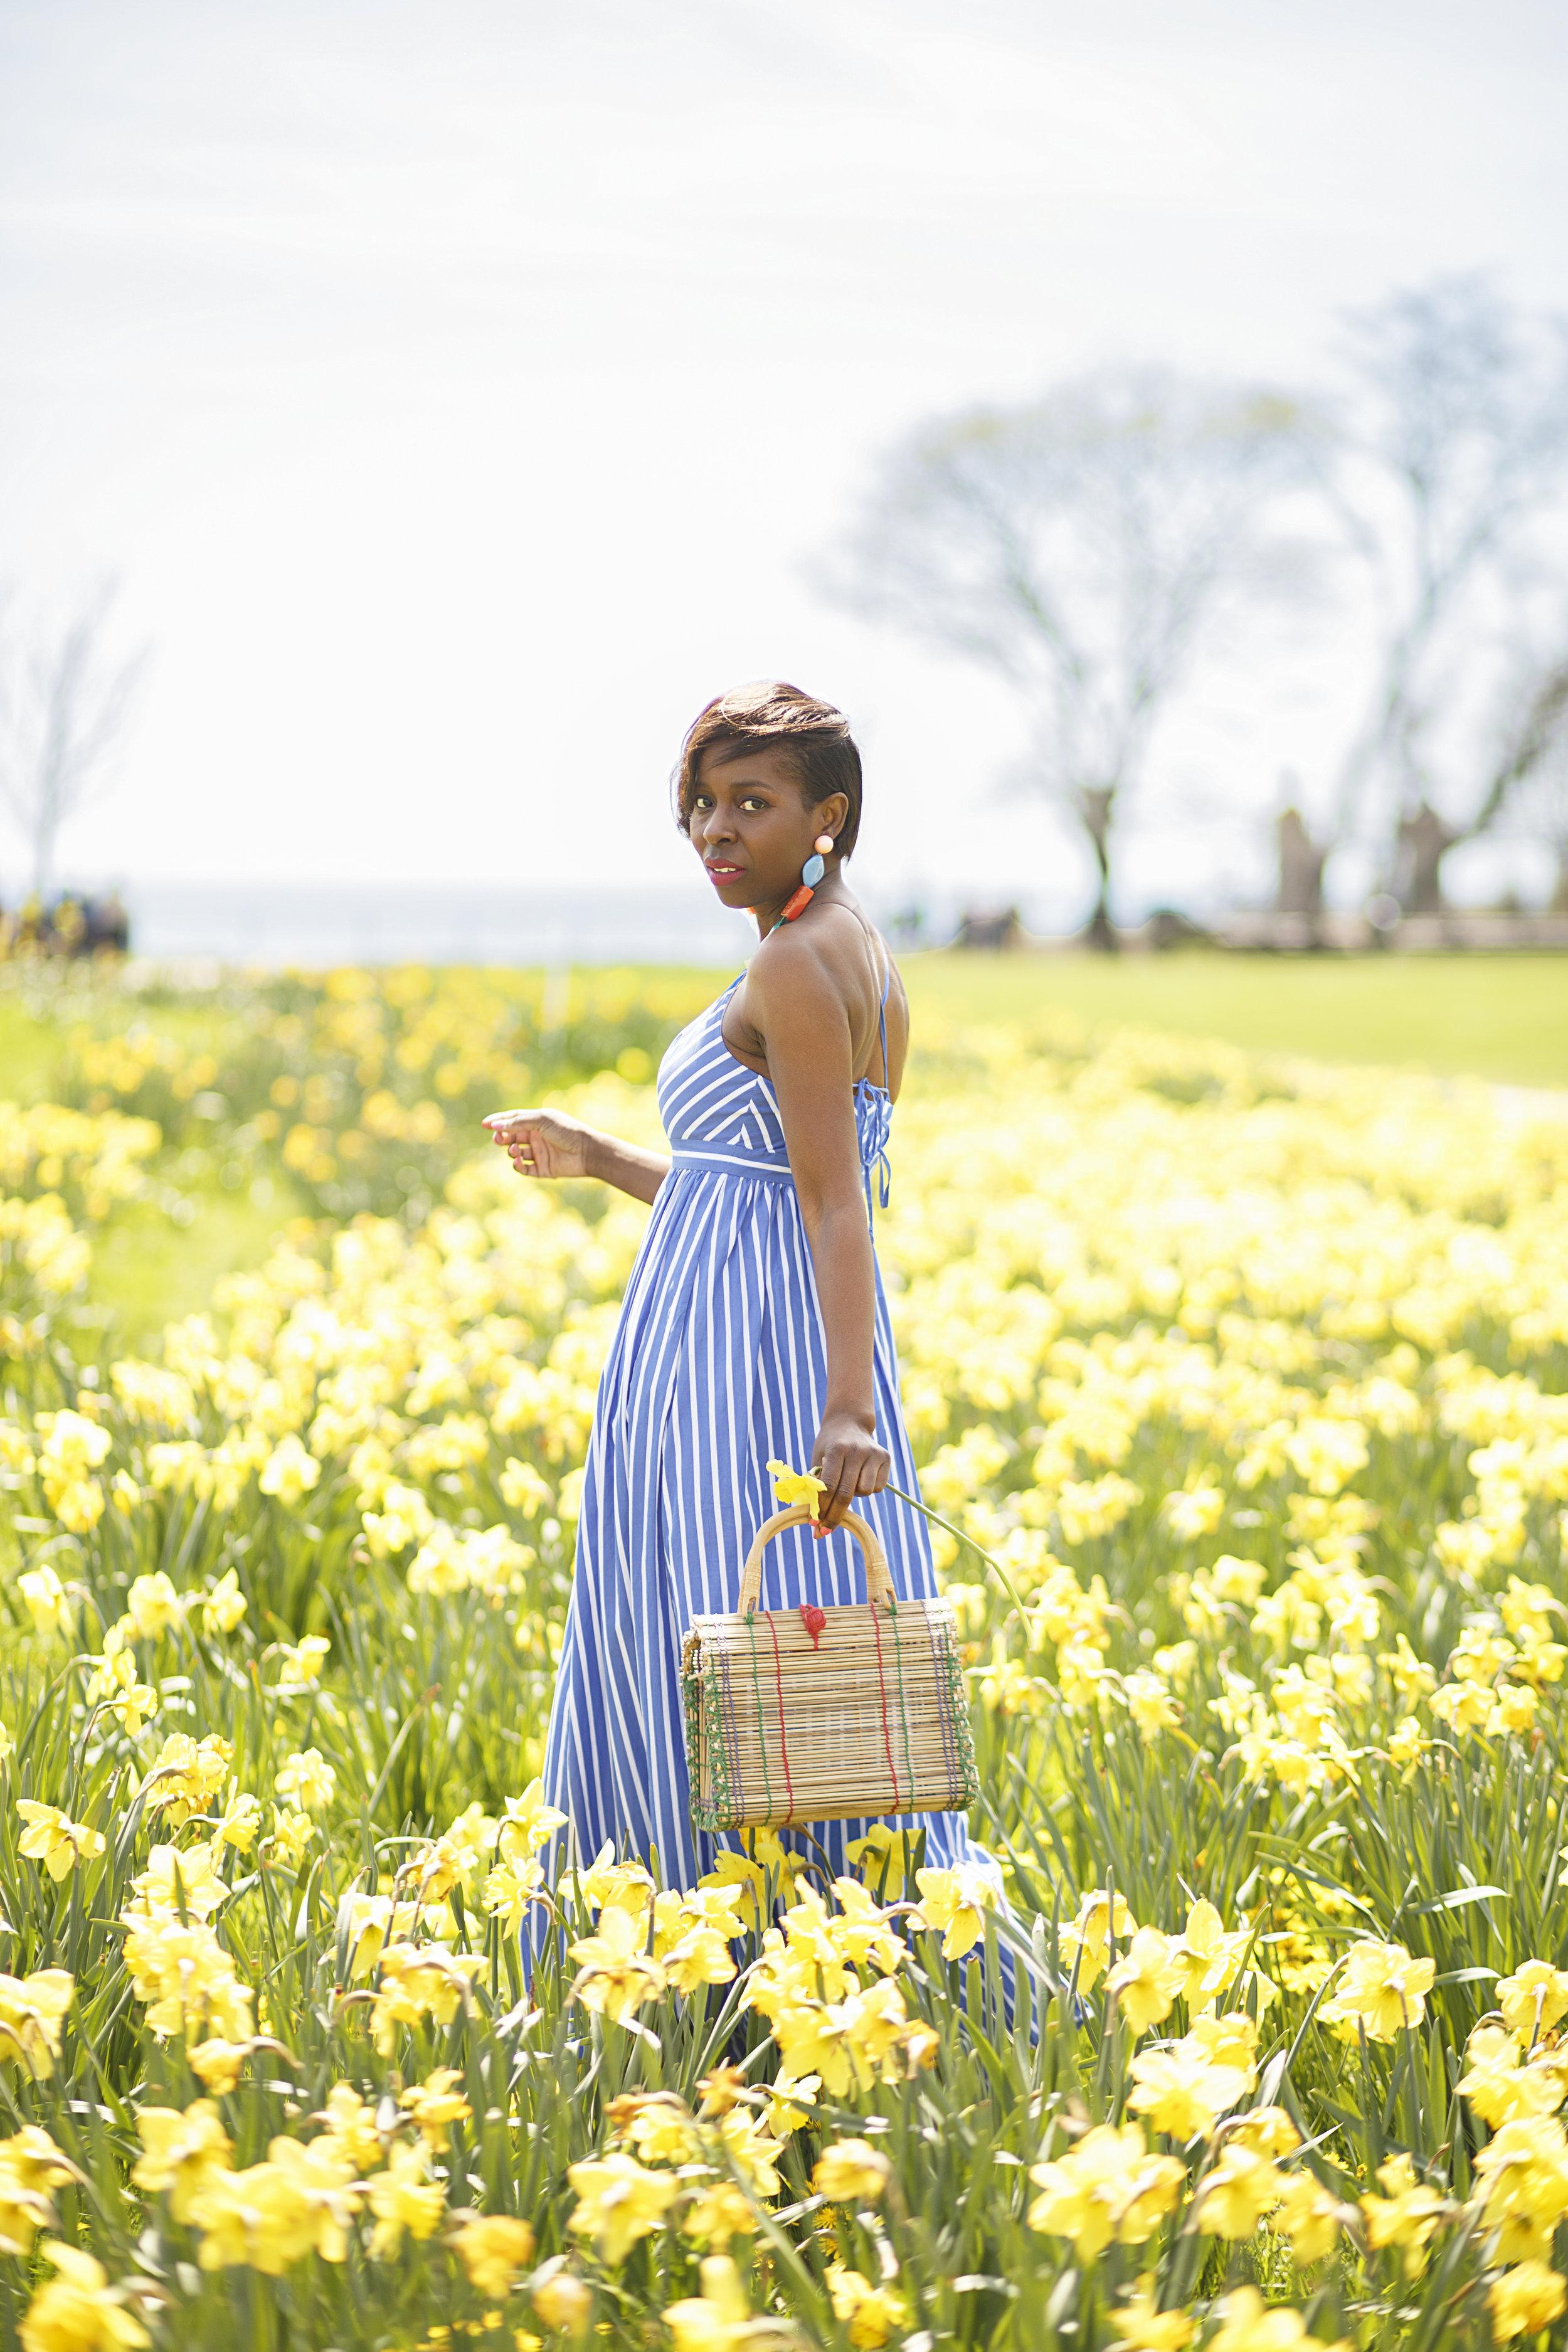 JCrew Stripe Dress, Tulip field photoshoot